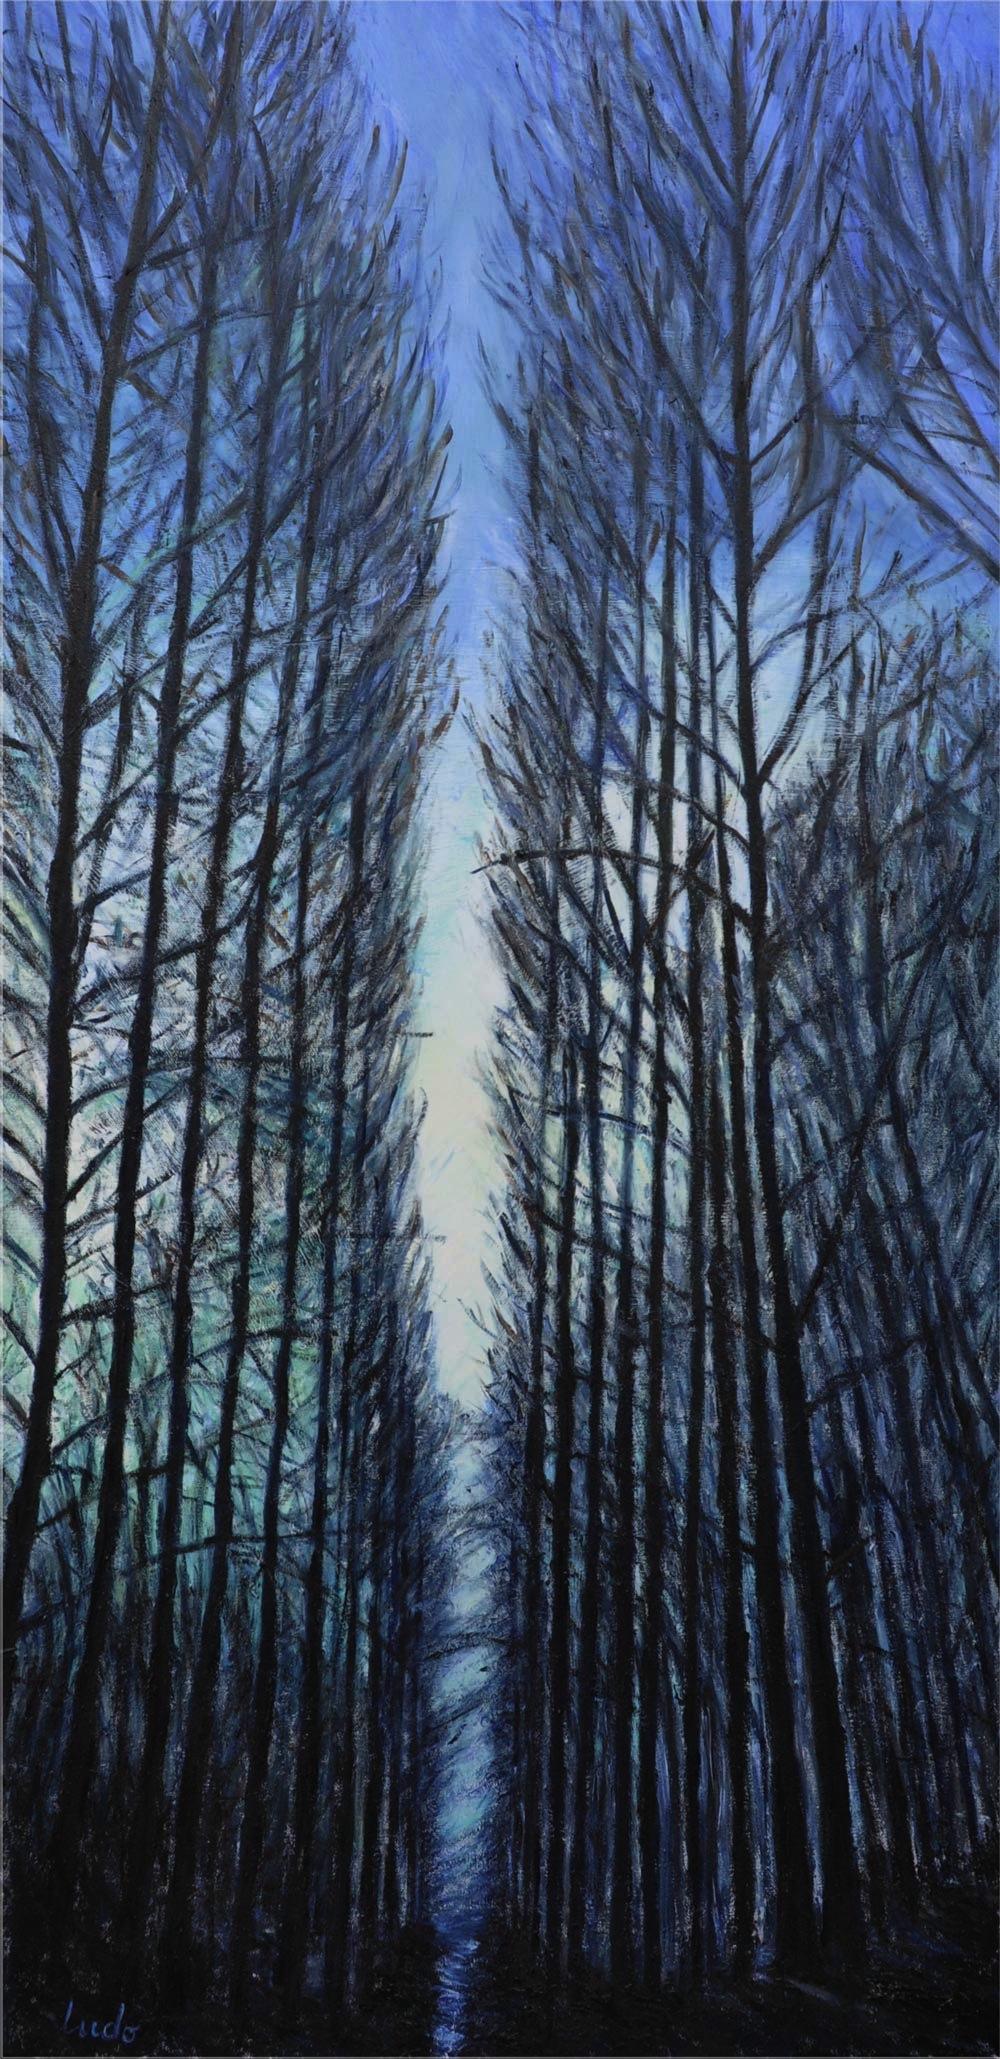 Forêt en hiver, Lahonce. Huile sur toile, 100x50, 2015